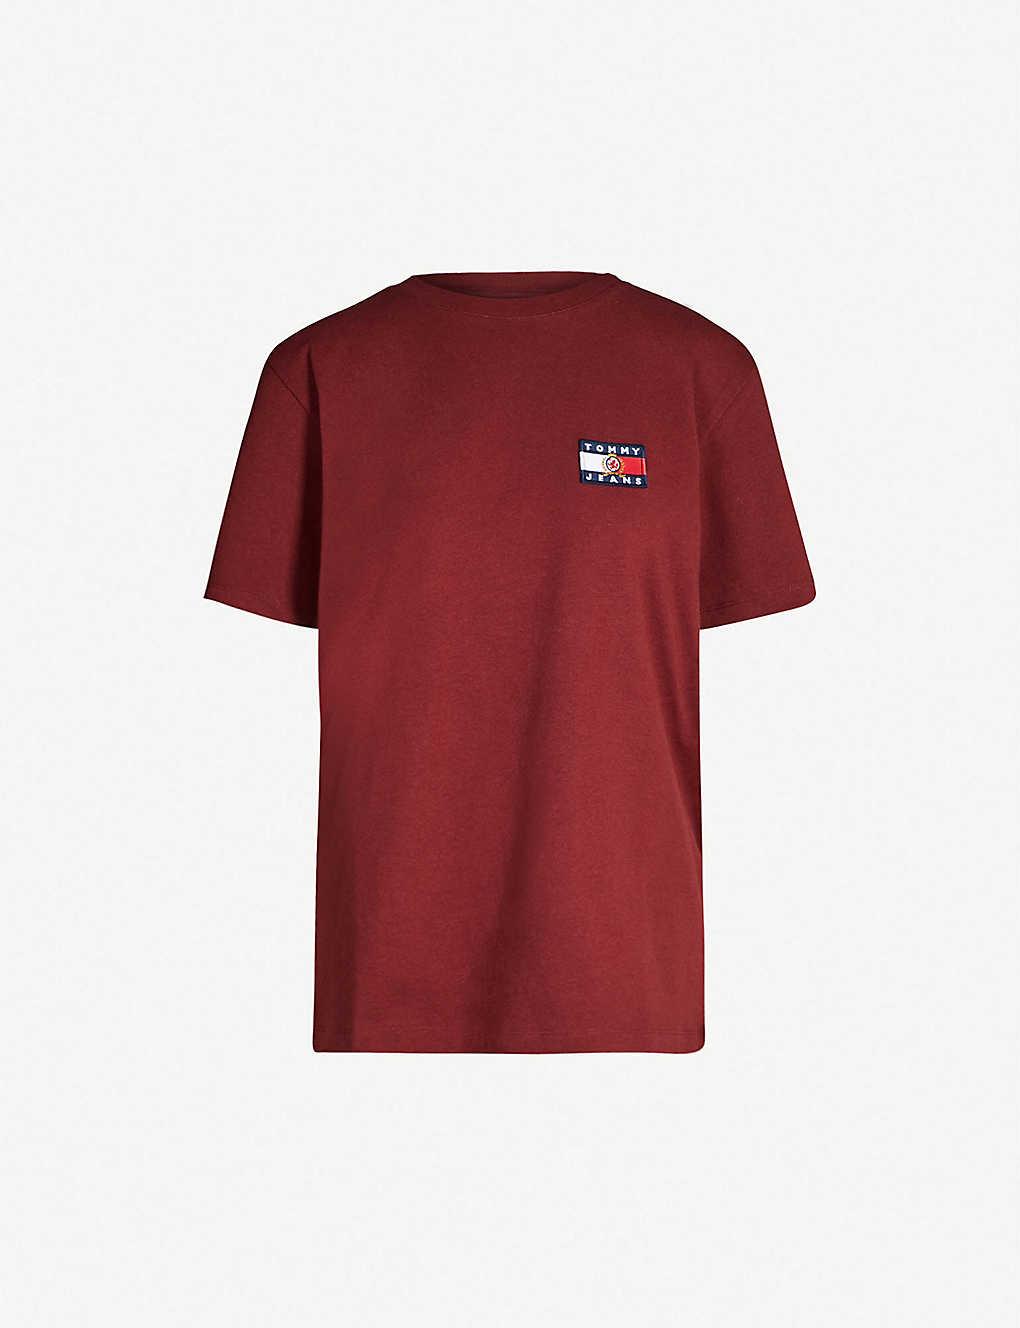 a59e2c24 TOMMY JEANS - Crest flag cotton-jersey T-shirt | Selfridges.comm